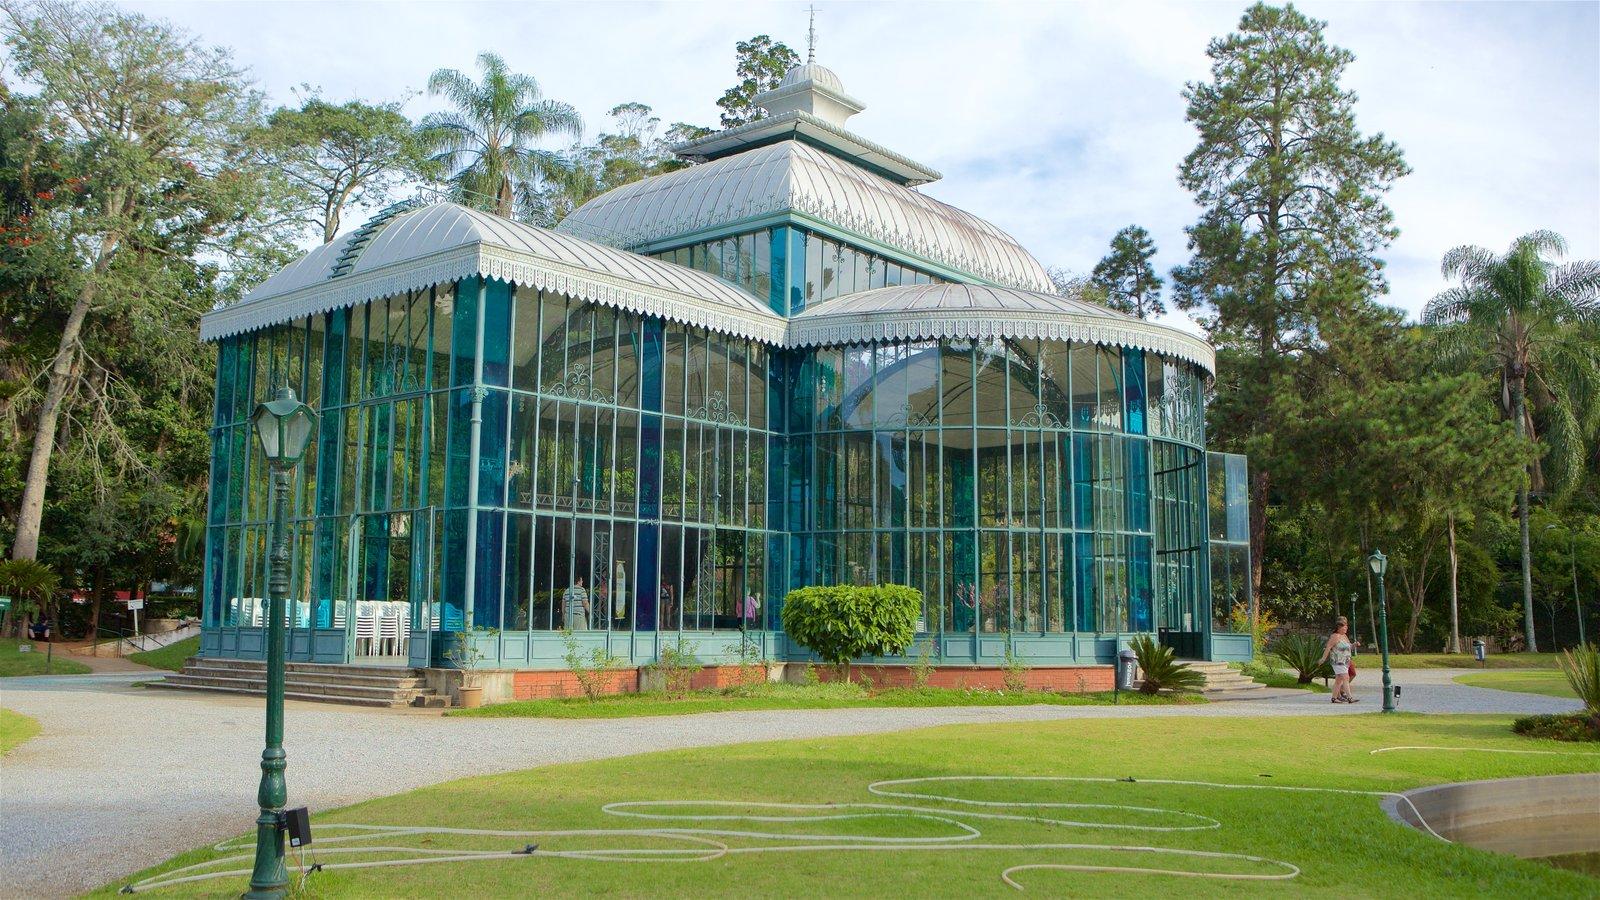 Palácio de Cristal que inclui arquitetura moderna e um parque